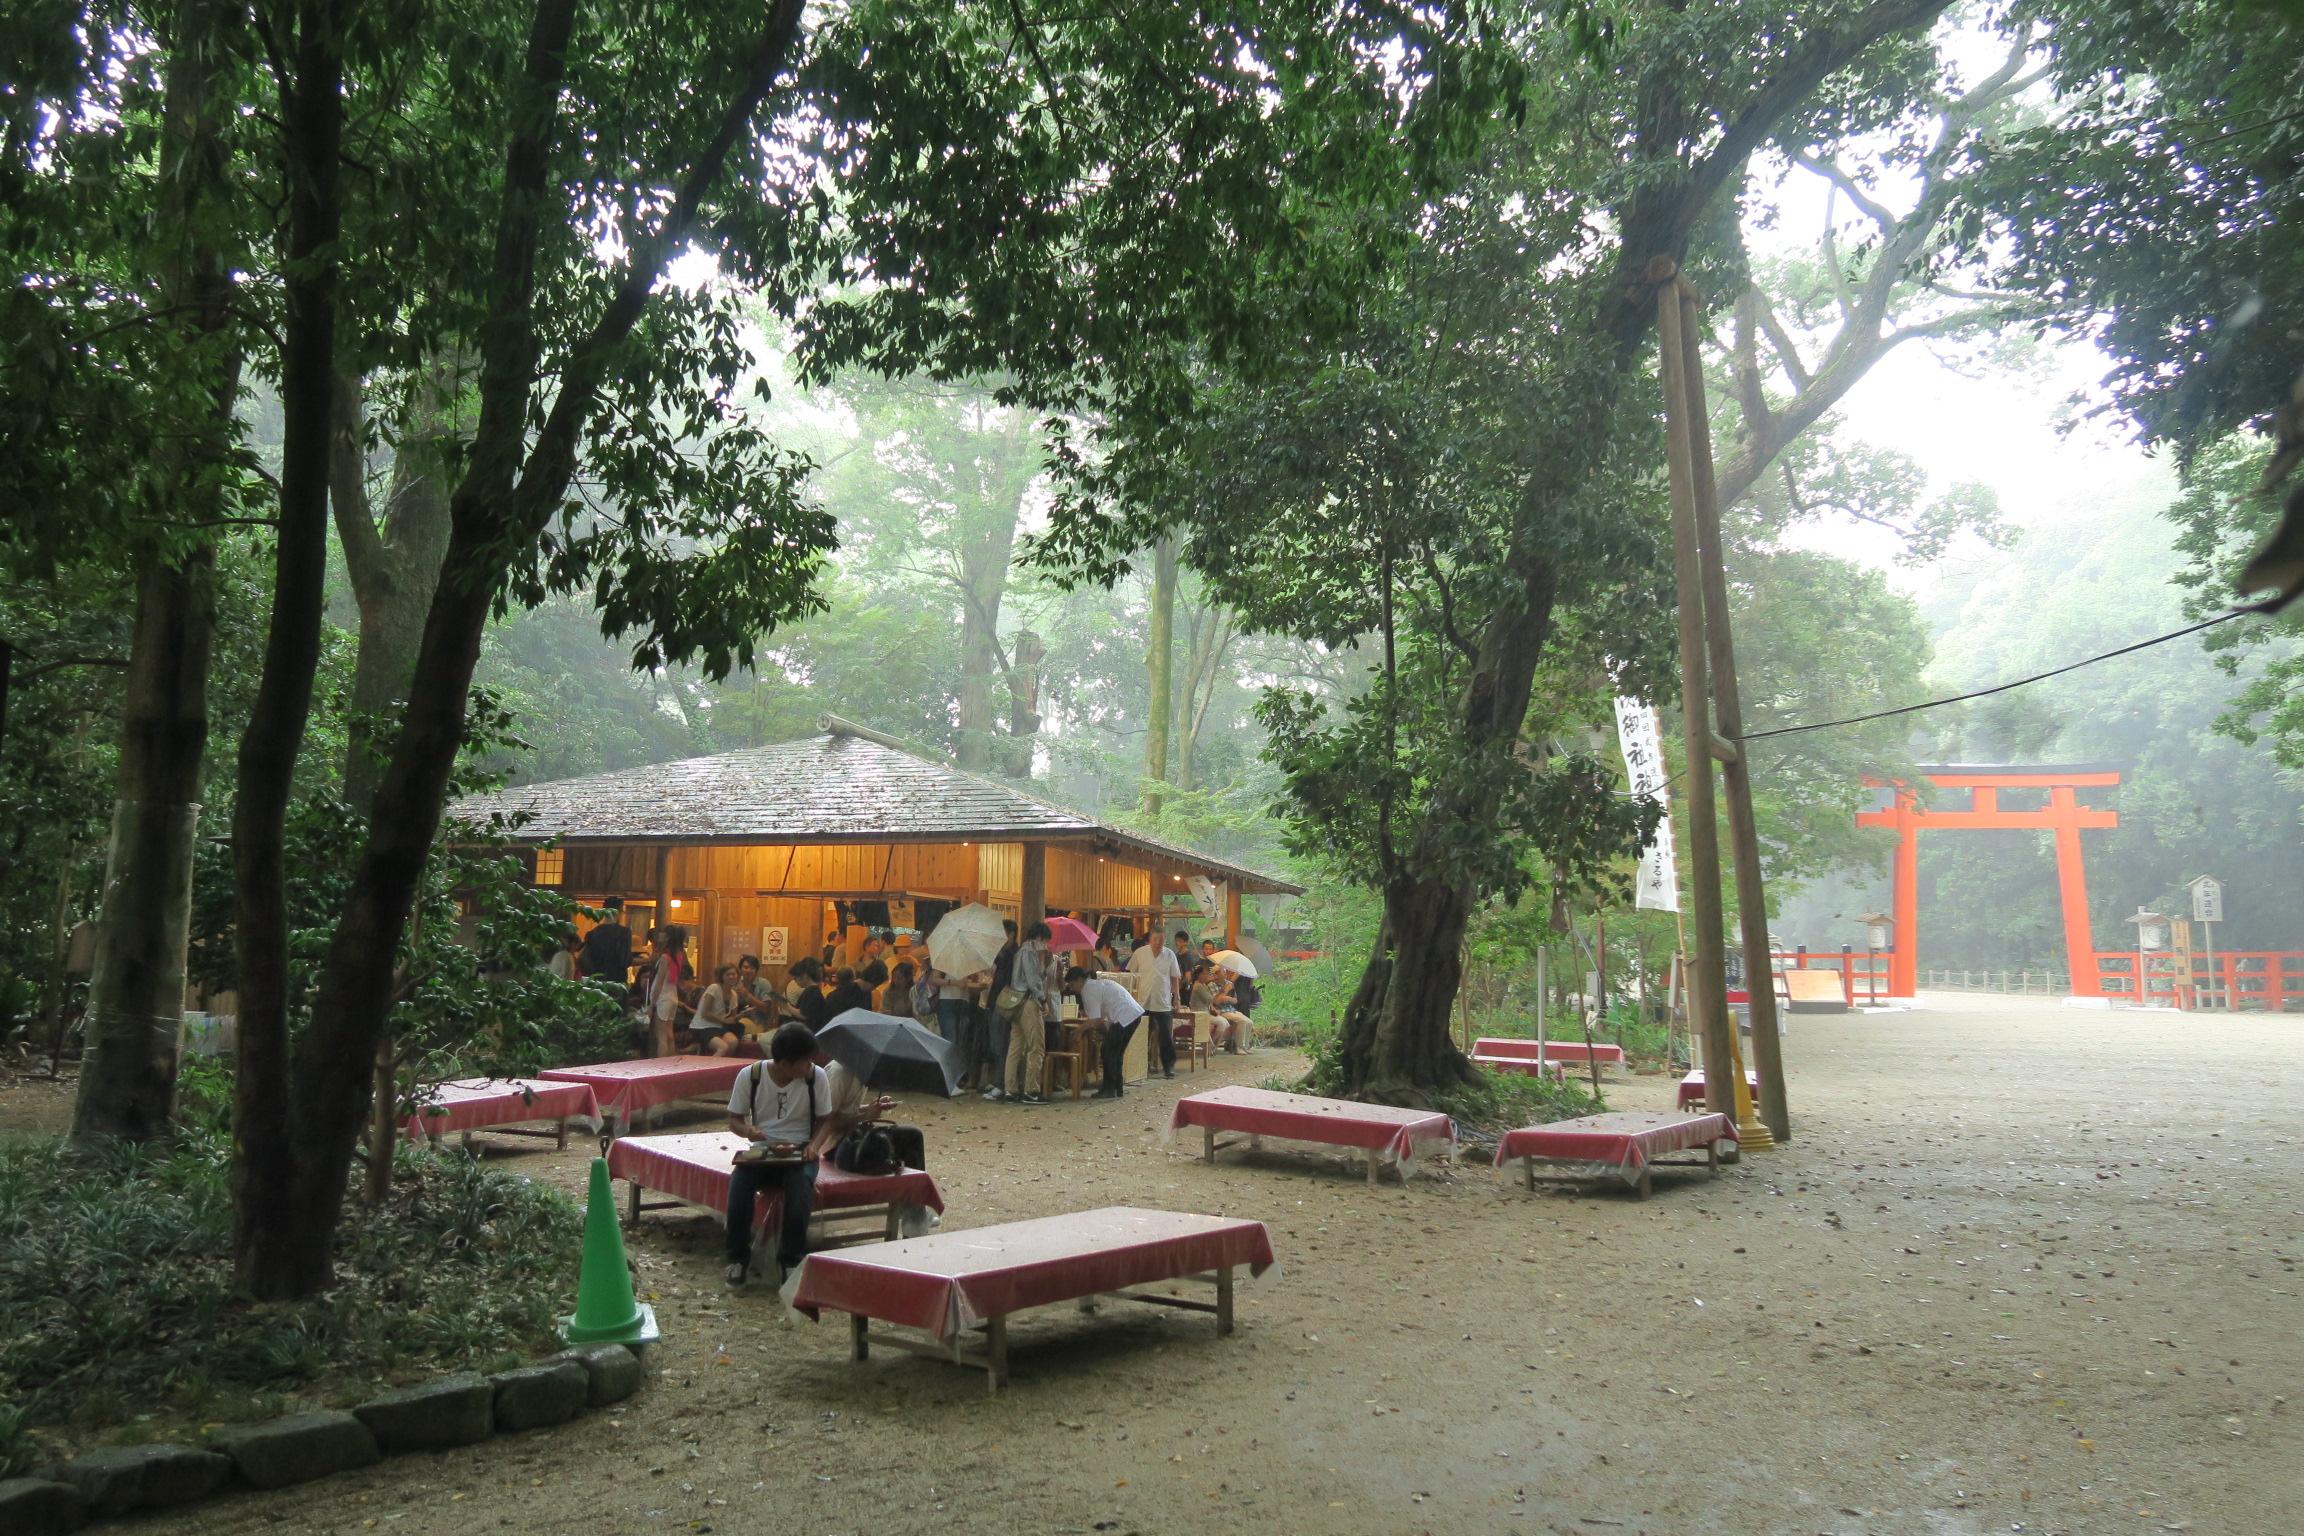 糺の森を歩いていると雨が降り出しました。木の葉が傘がわりになっていましたが、強くなると・・・